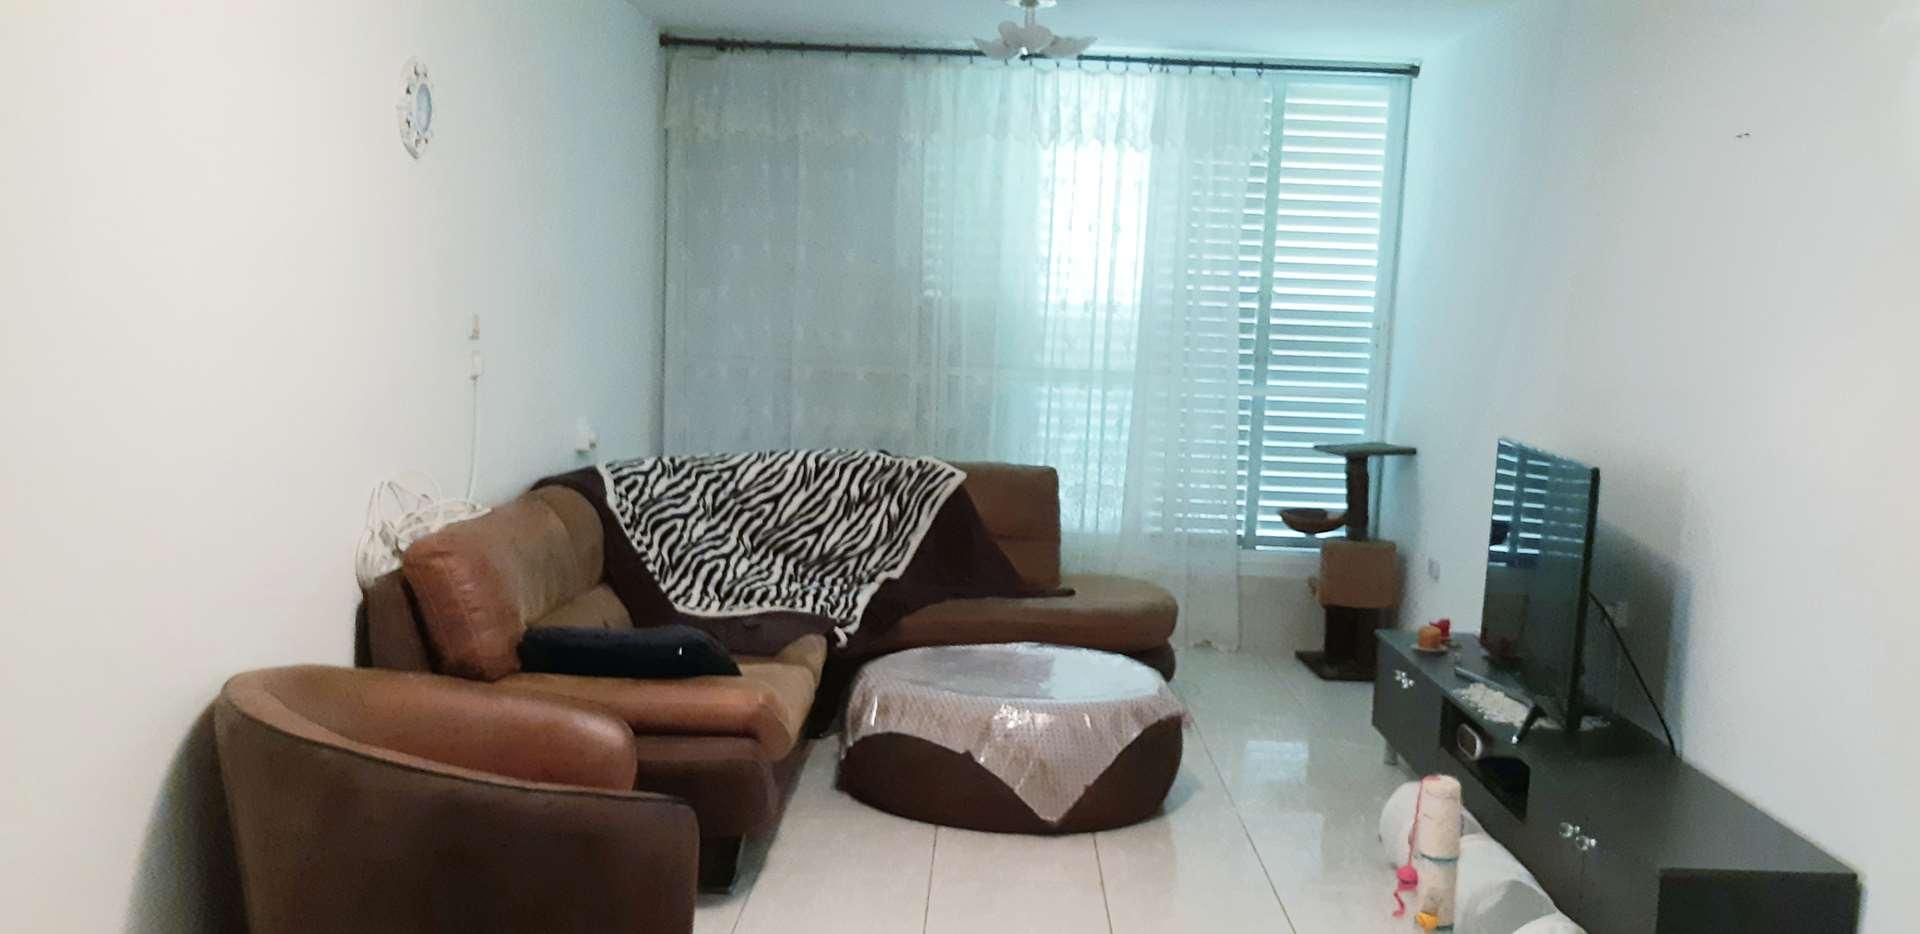 דירה להשכרה 3 חדרים בקרית ביאליק שבטי ישראל סביניה